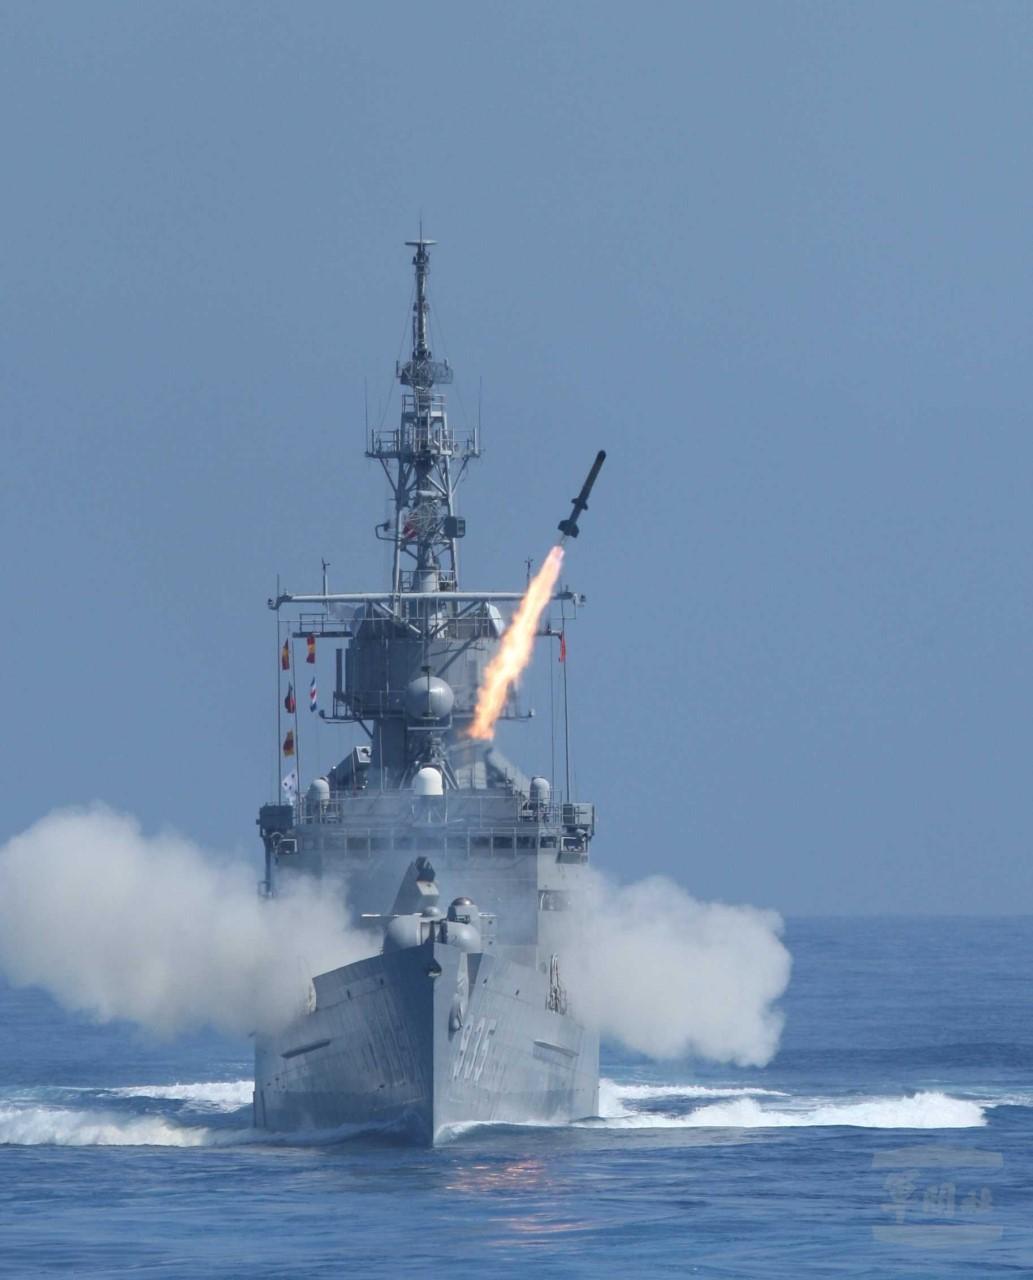 濟陽級軍艦是海軍唯一可發射ASROC(阿斯洛克)反潛火箭的軍艦